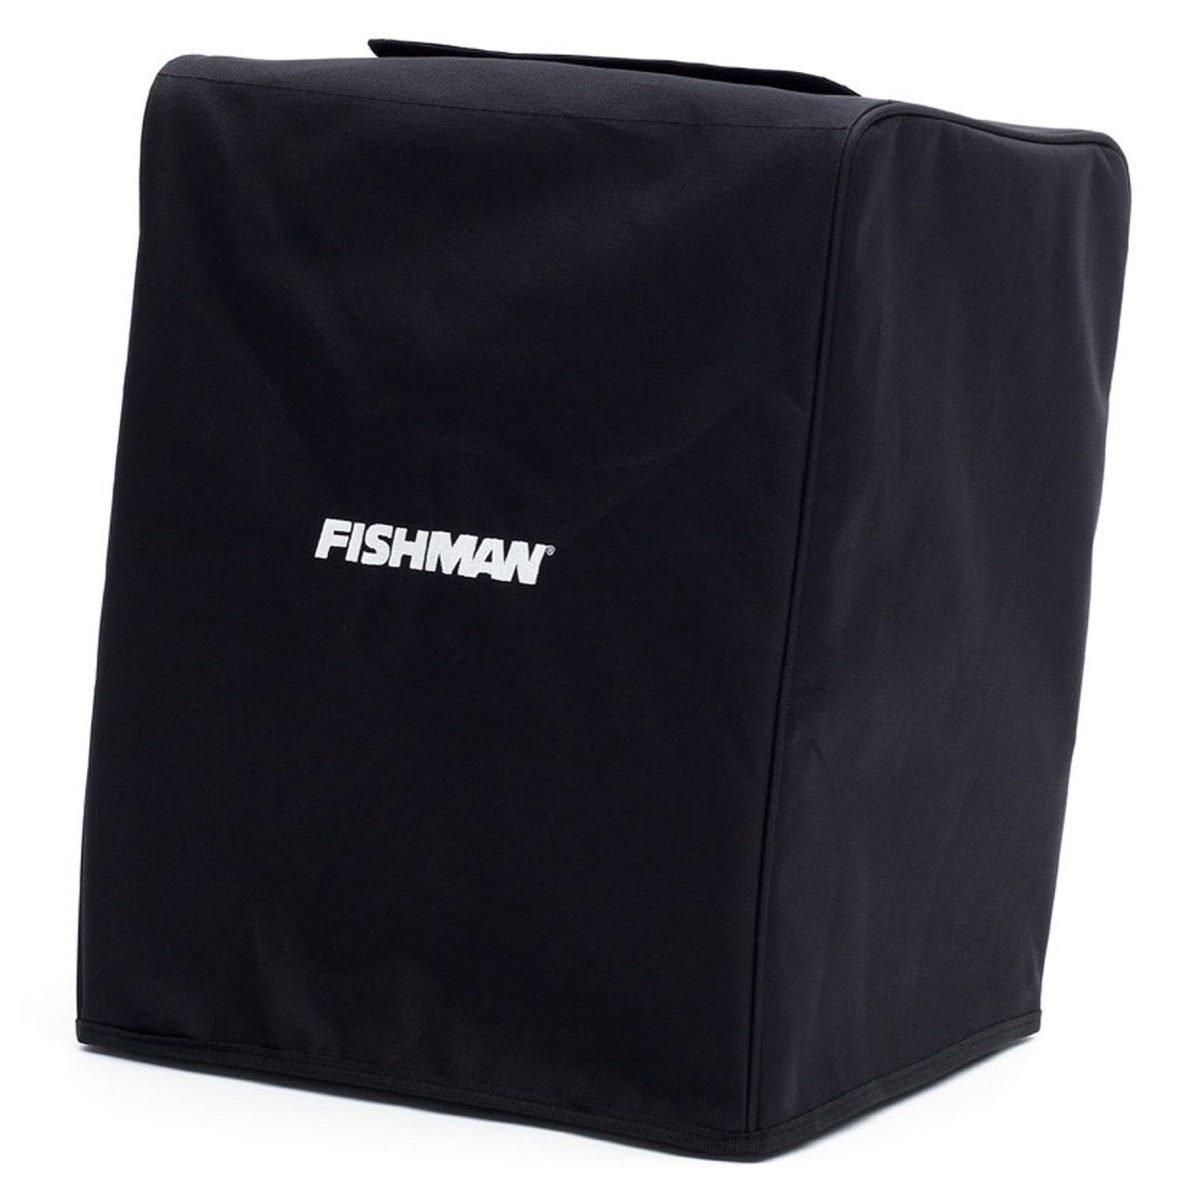 Fishman LBXSC7 Housse pour Amplificateur LBX700 Noir ACC-LBX-SC7